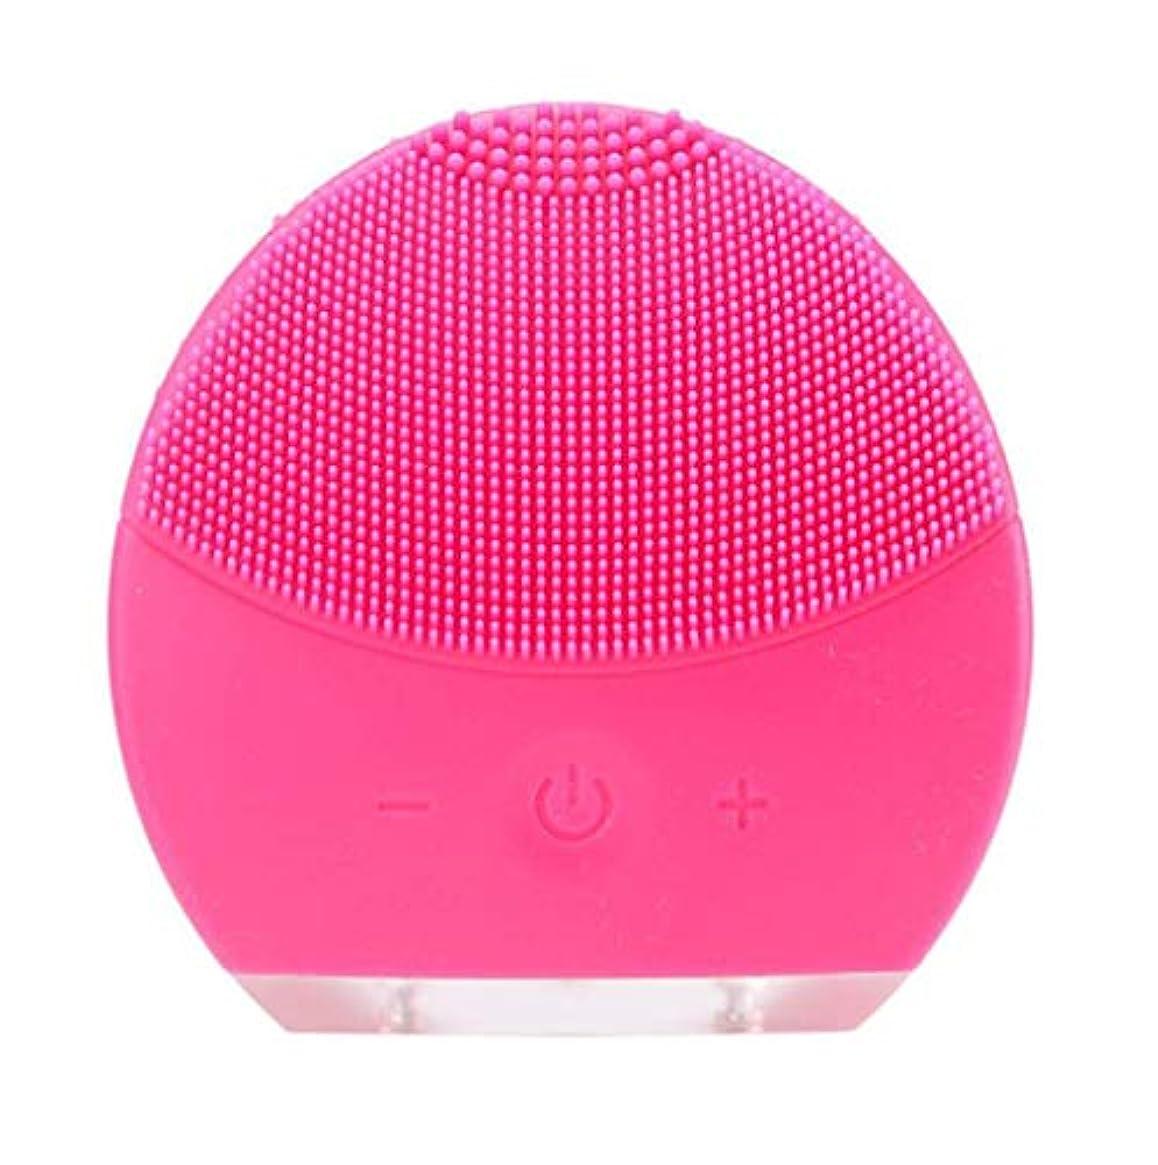 文明化するモールス信号頑丈超音波振動美容機器洗浄器、皮膚の毛穴を最小限に抑えるマイクロダーマブレーション毛穴、USB 充電と防水,Rosered